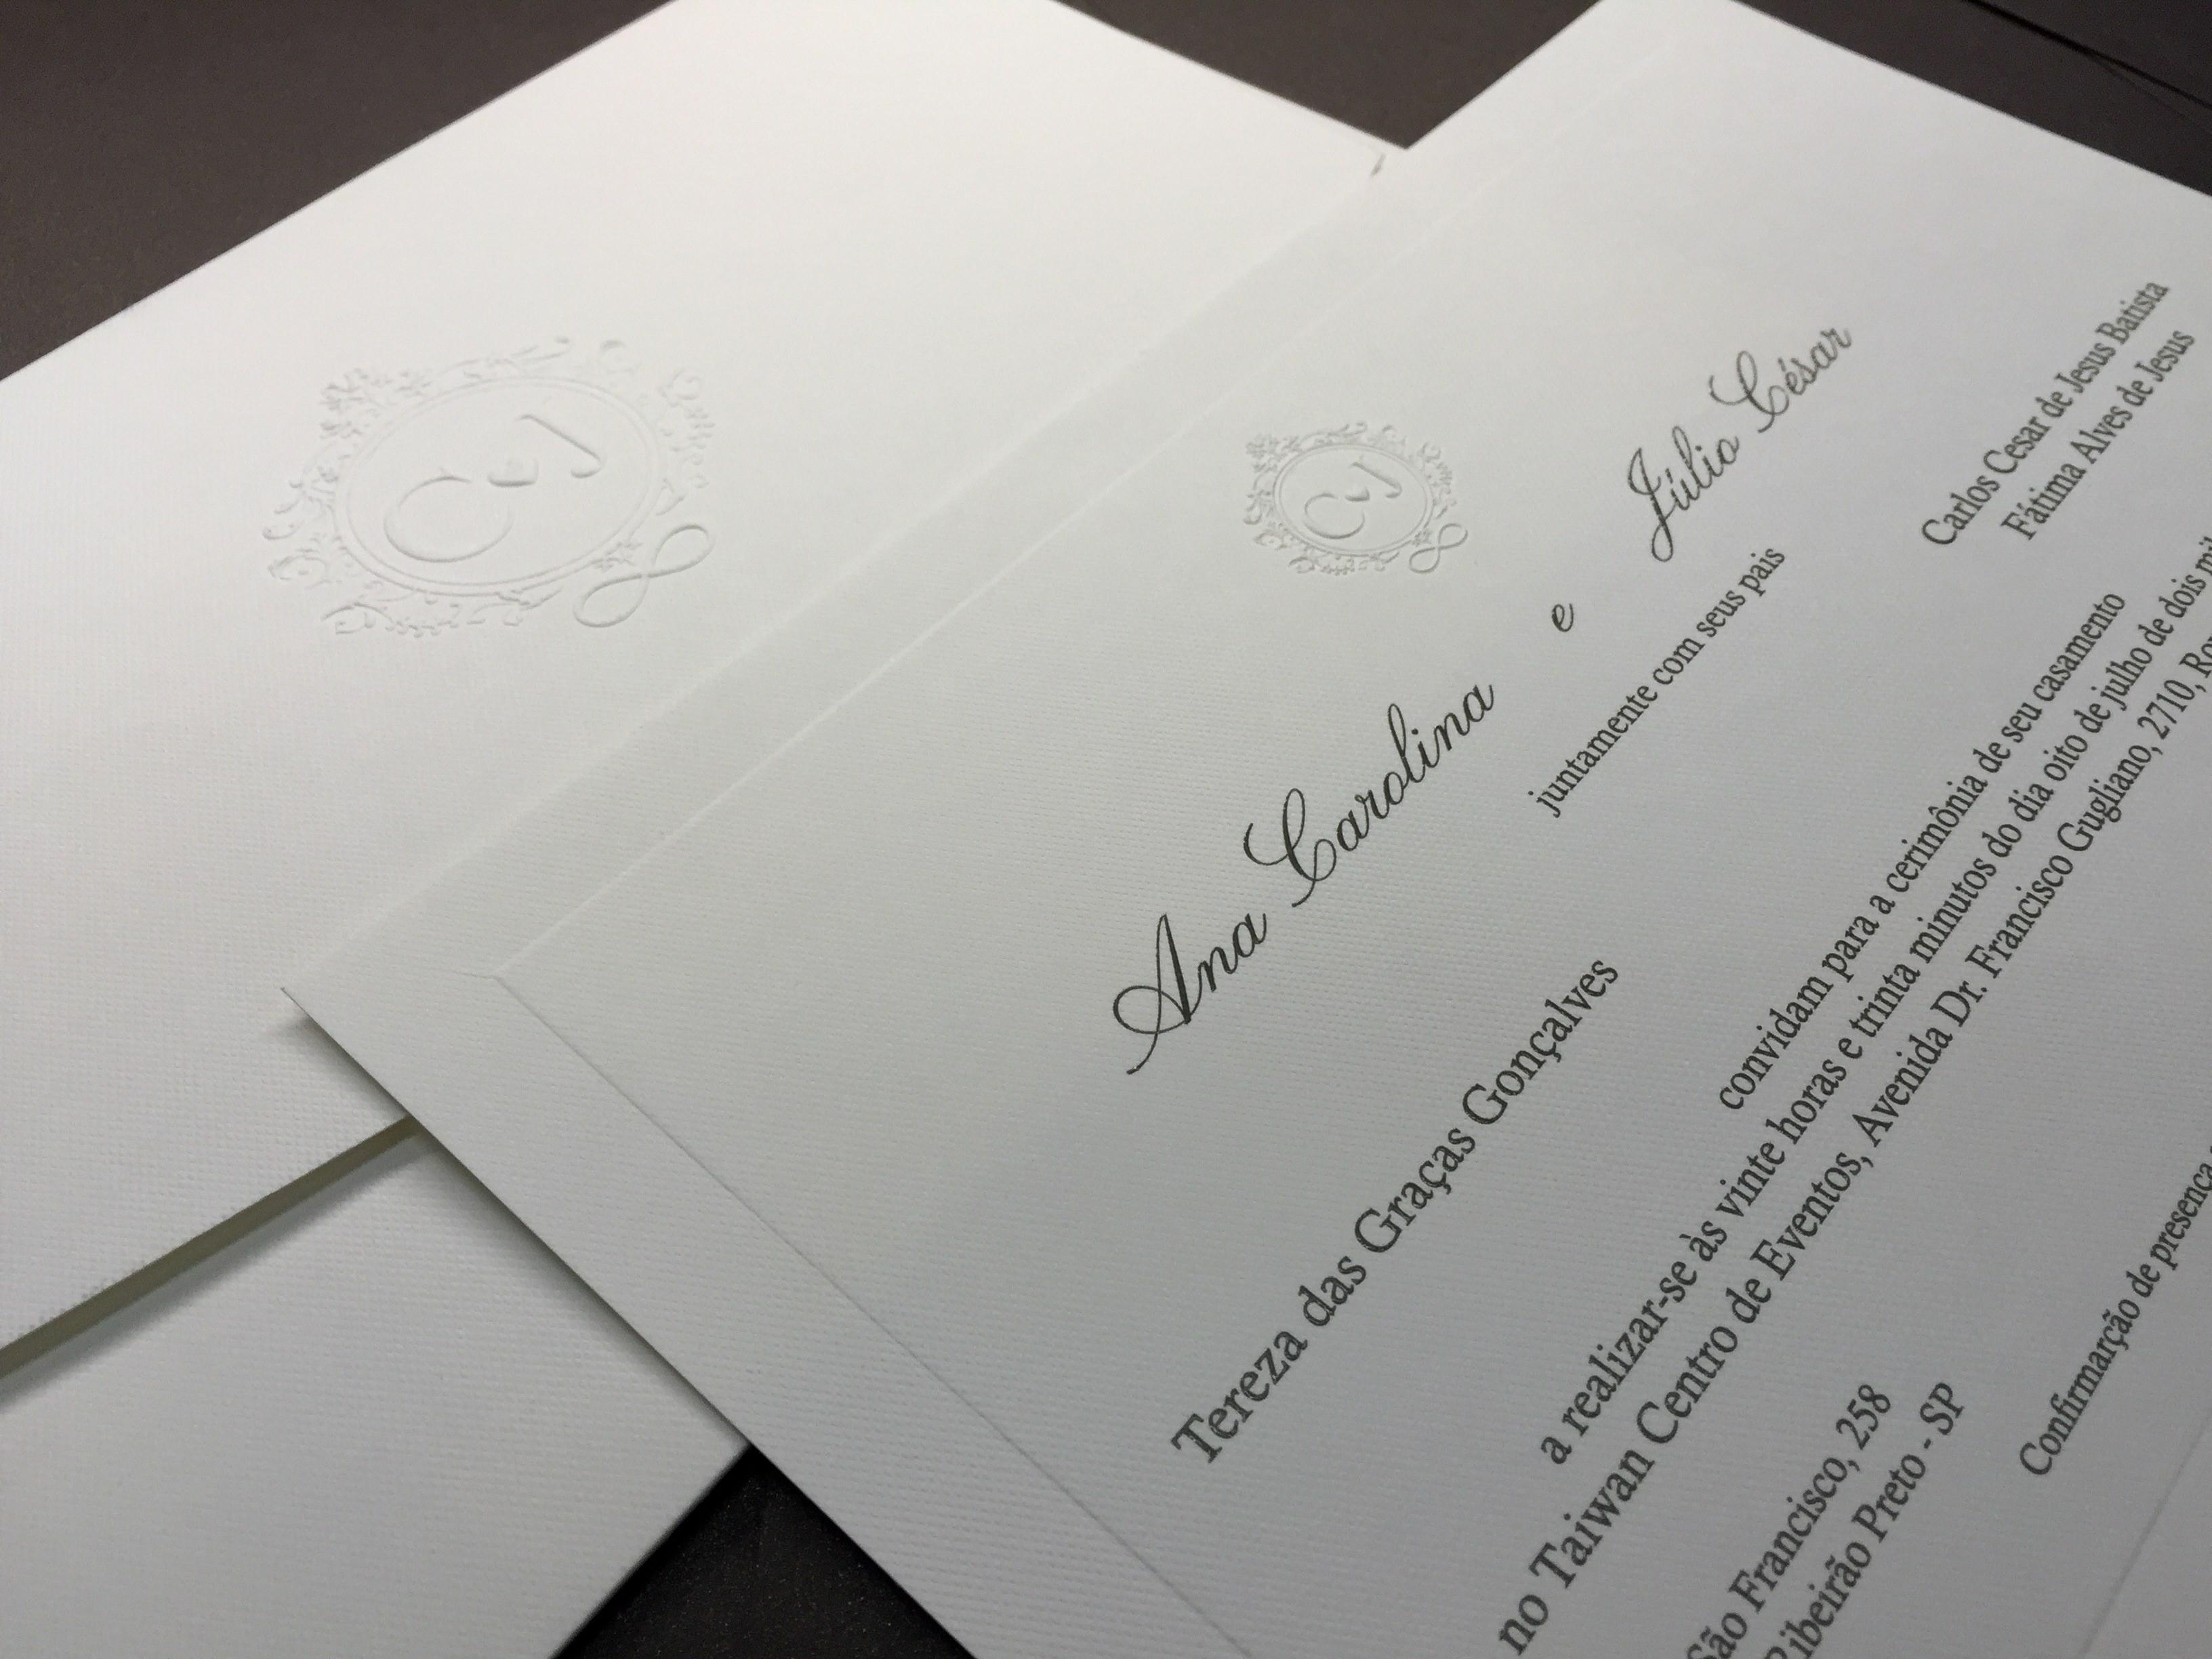 convite-dom-bosco-casamento-carolina-julio